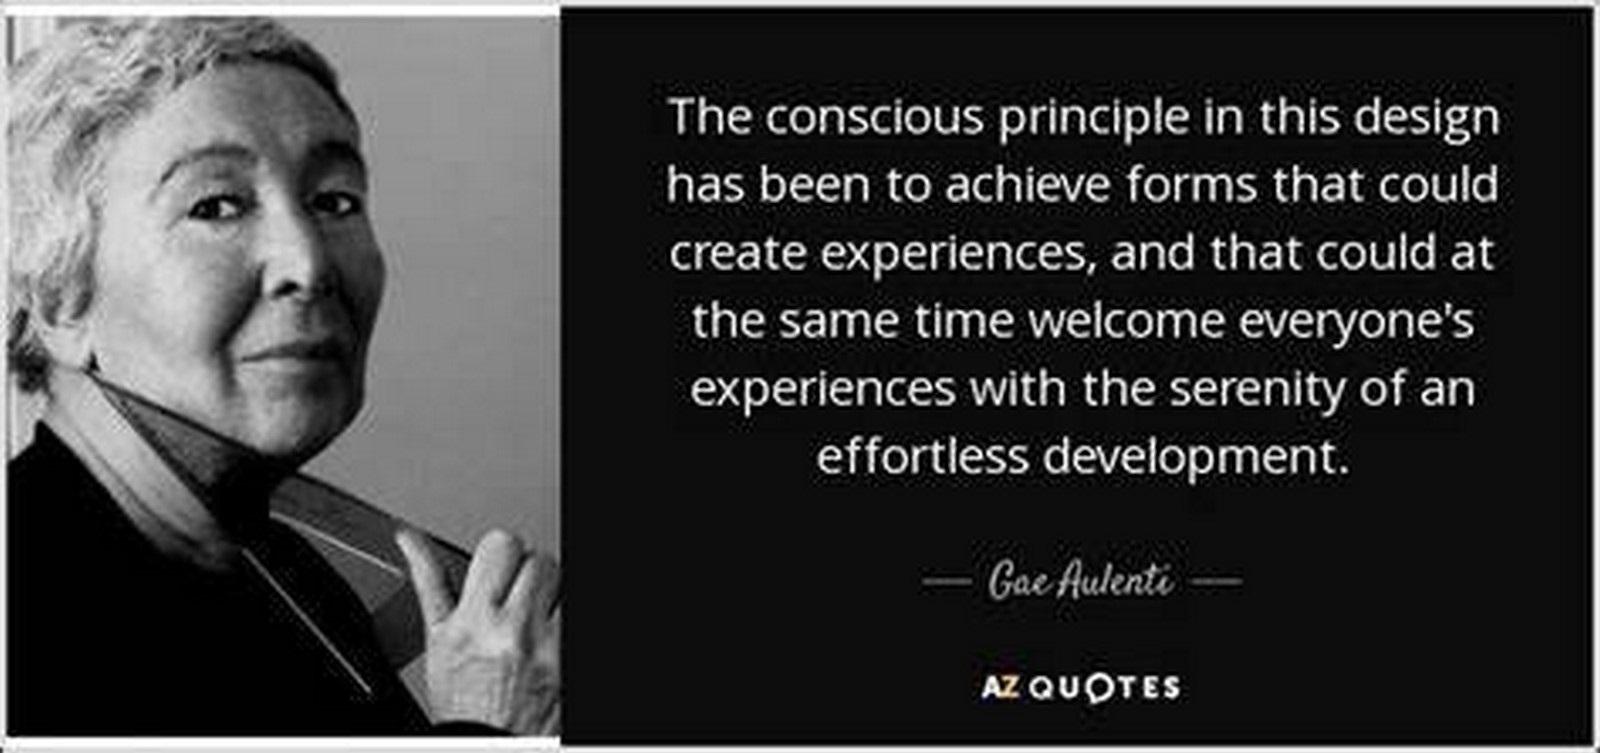 Gae Aulenti: Ideology and Philosophy - Sheet8